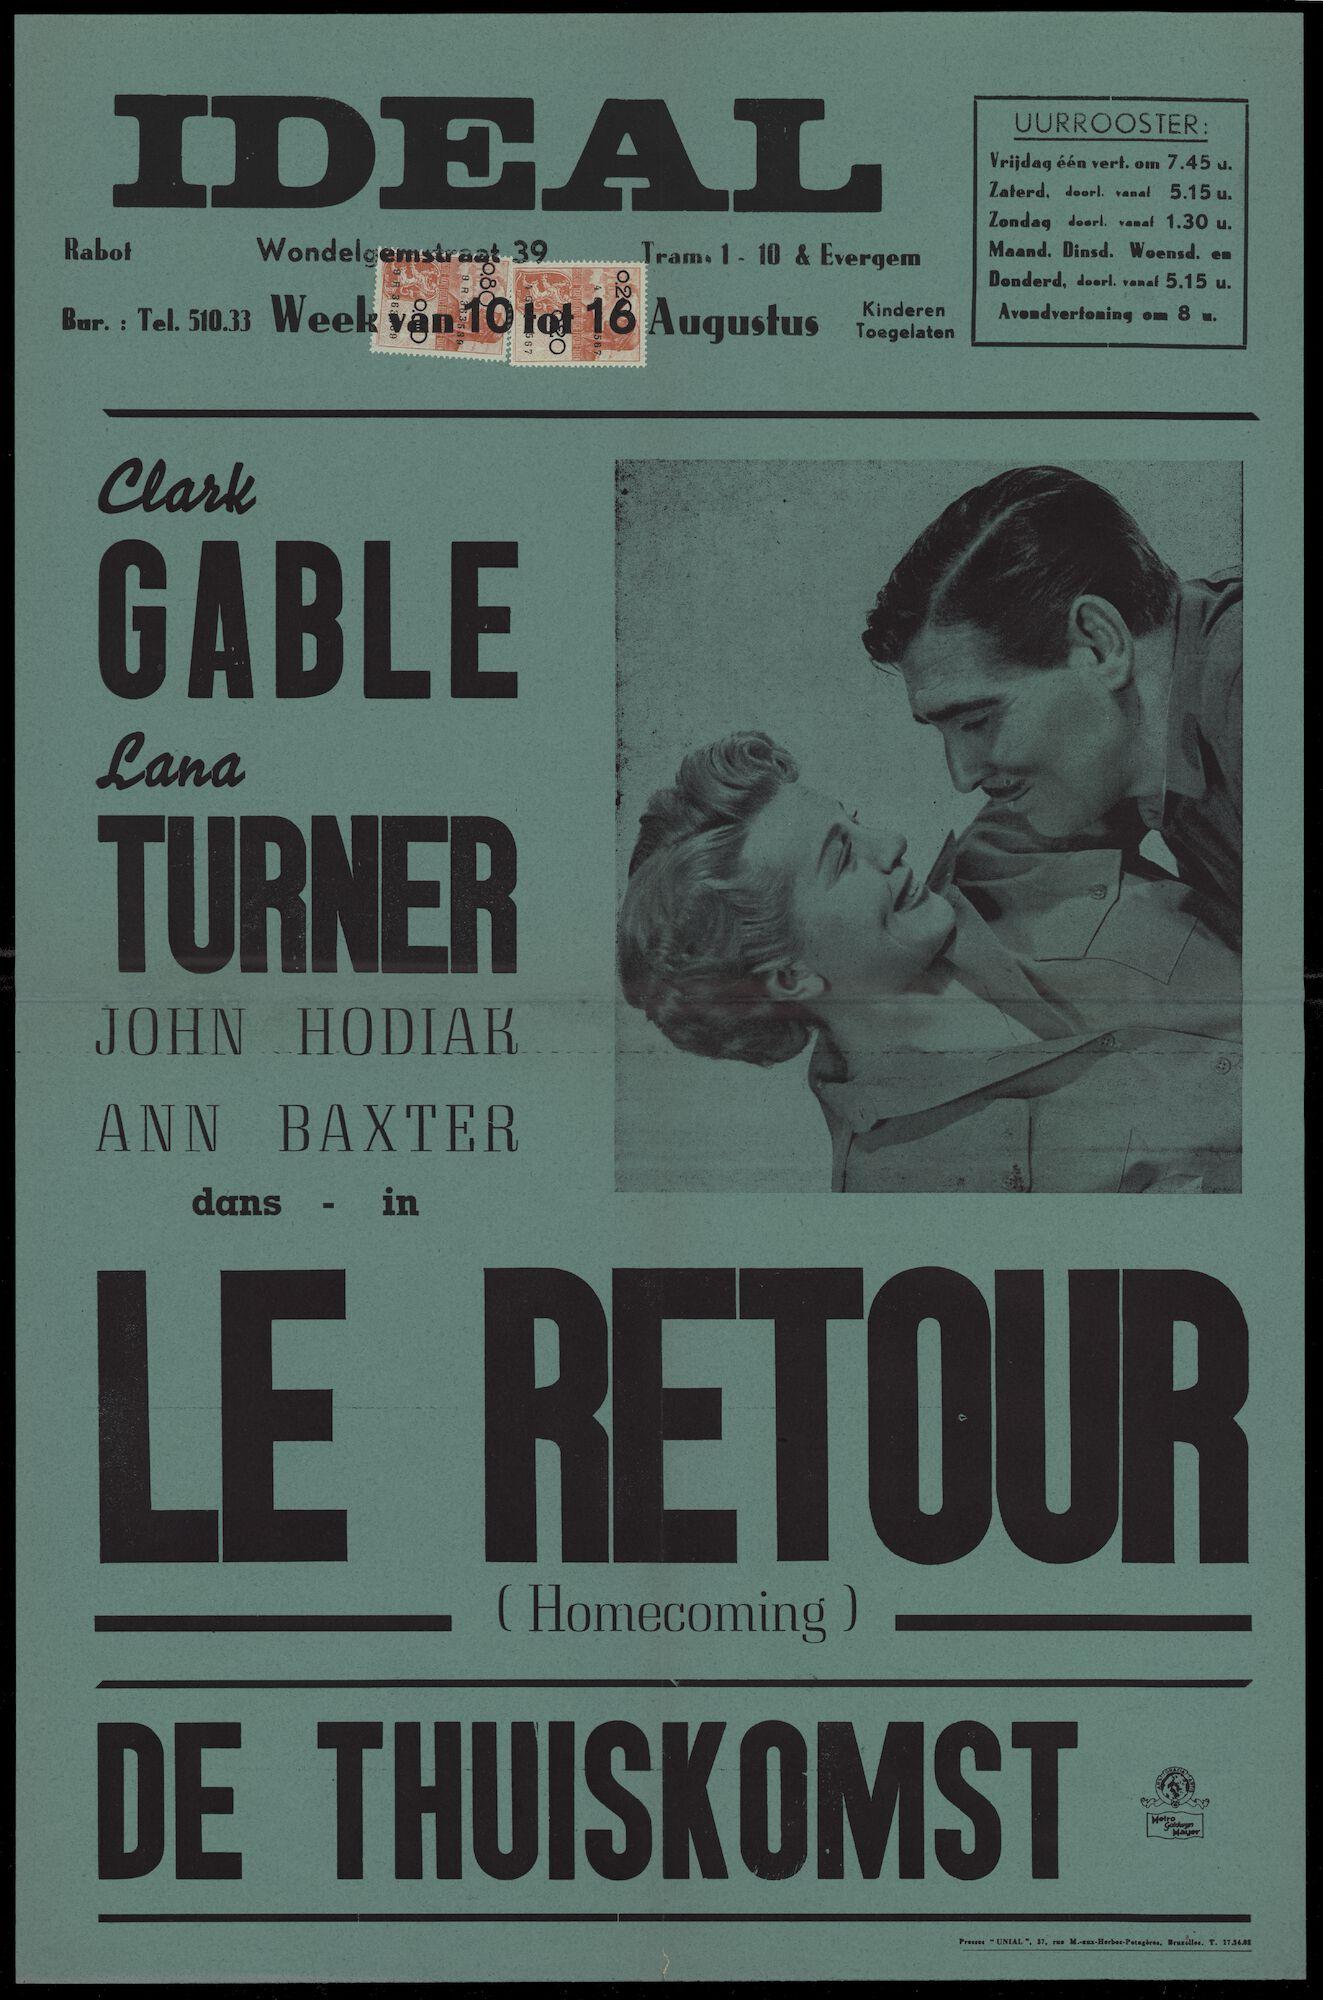 Homecoming │ Le retour │ De thuiskomst, Ideal, Gent, 10 - 16 augustus 1951